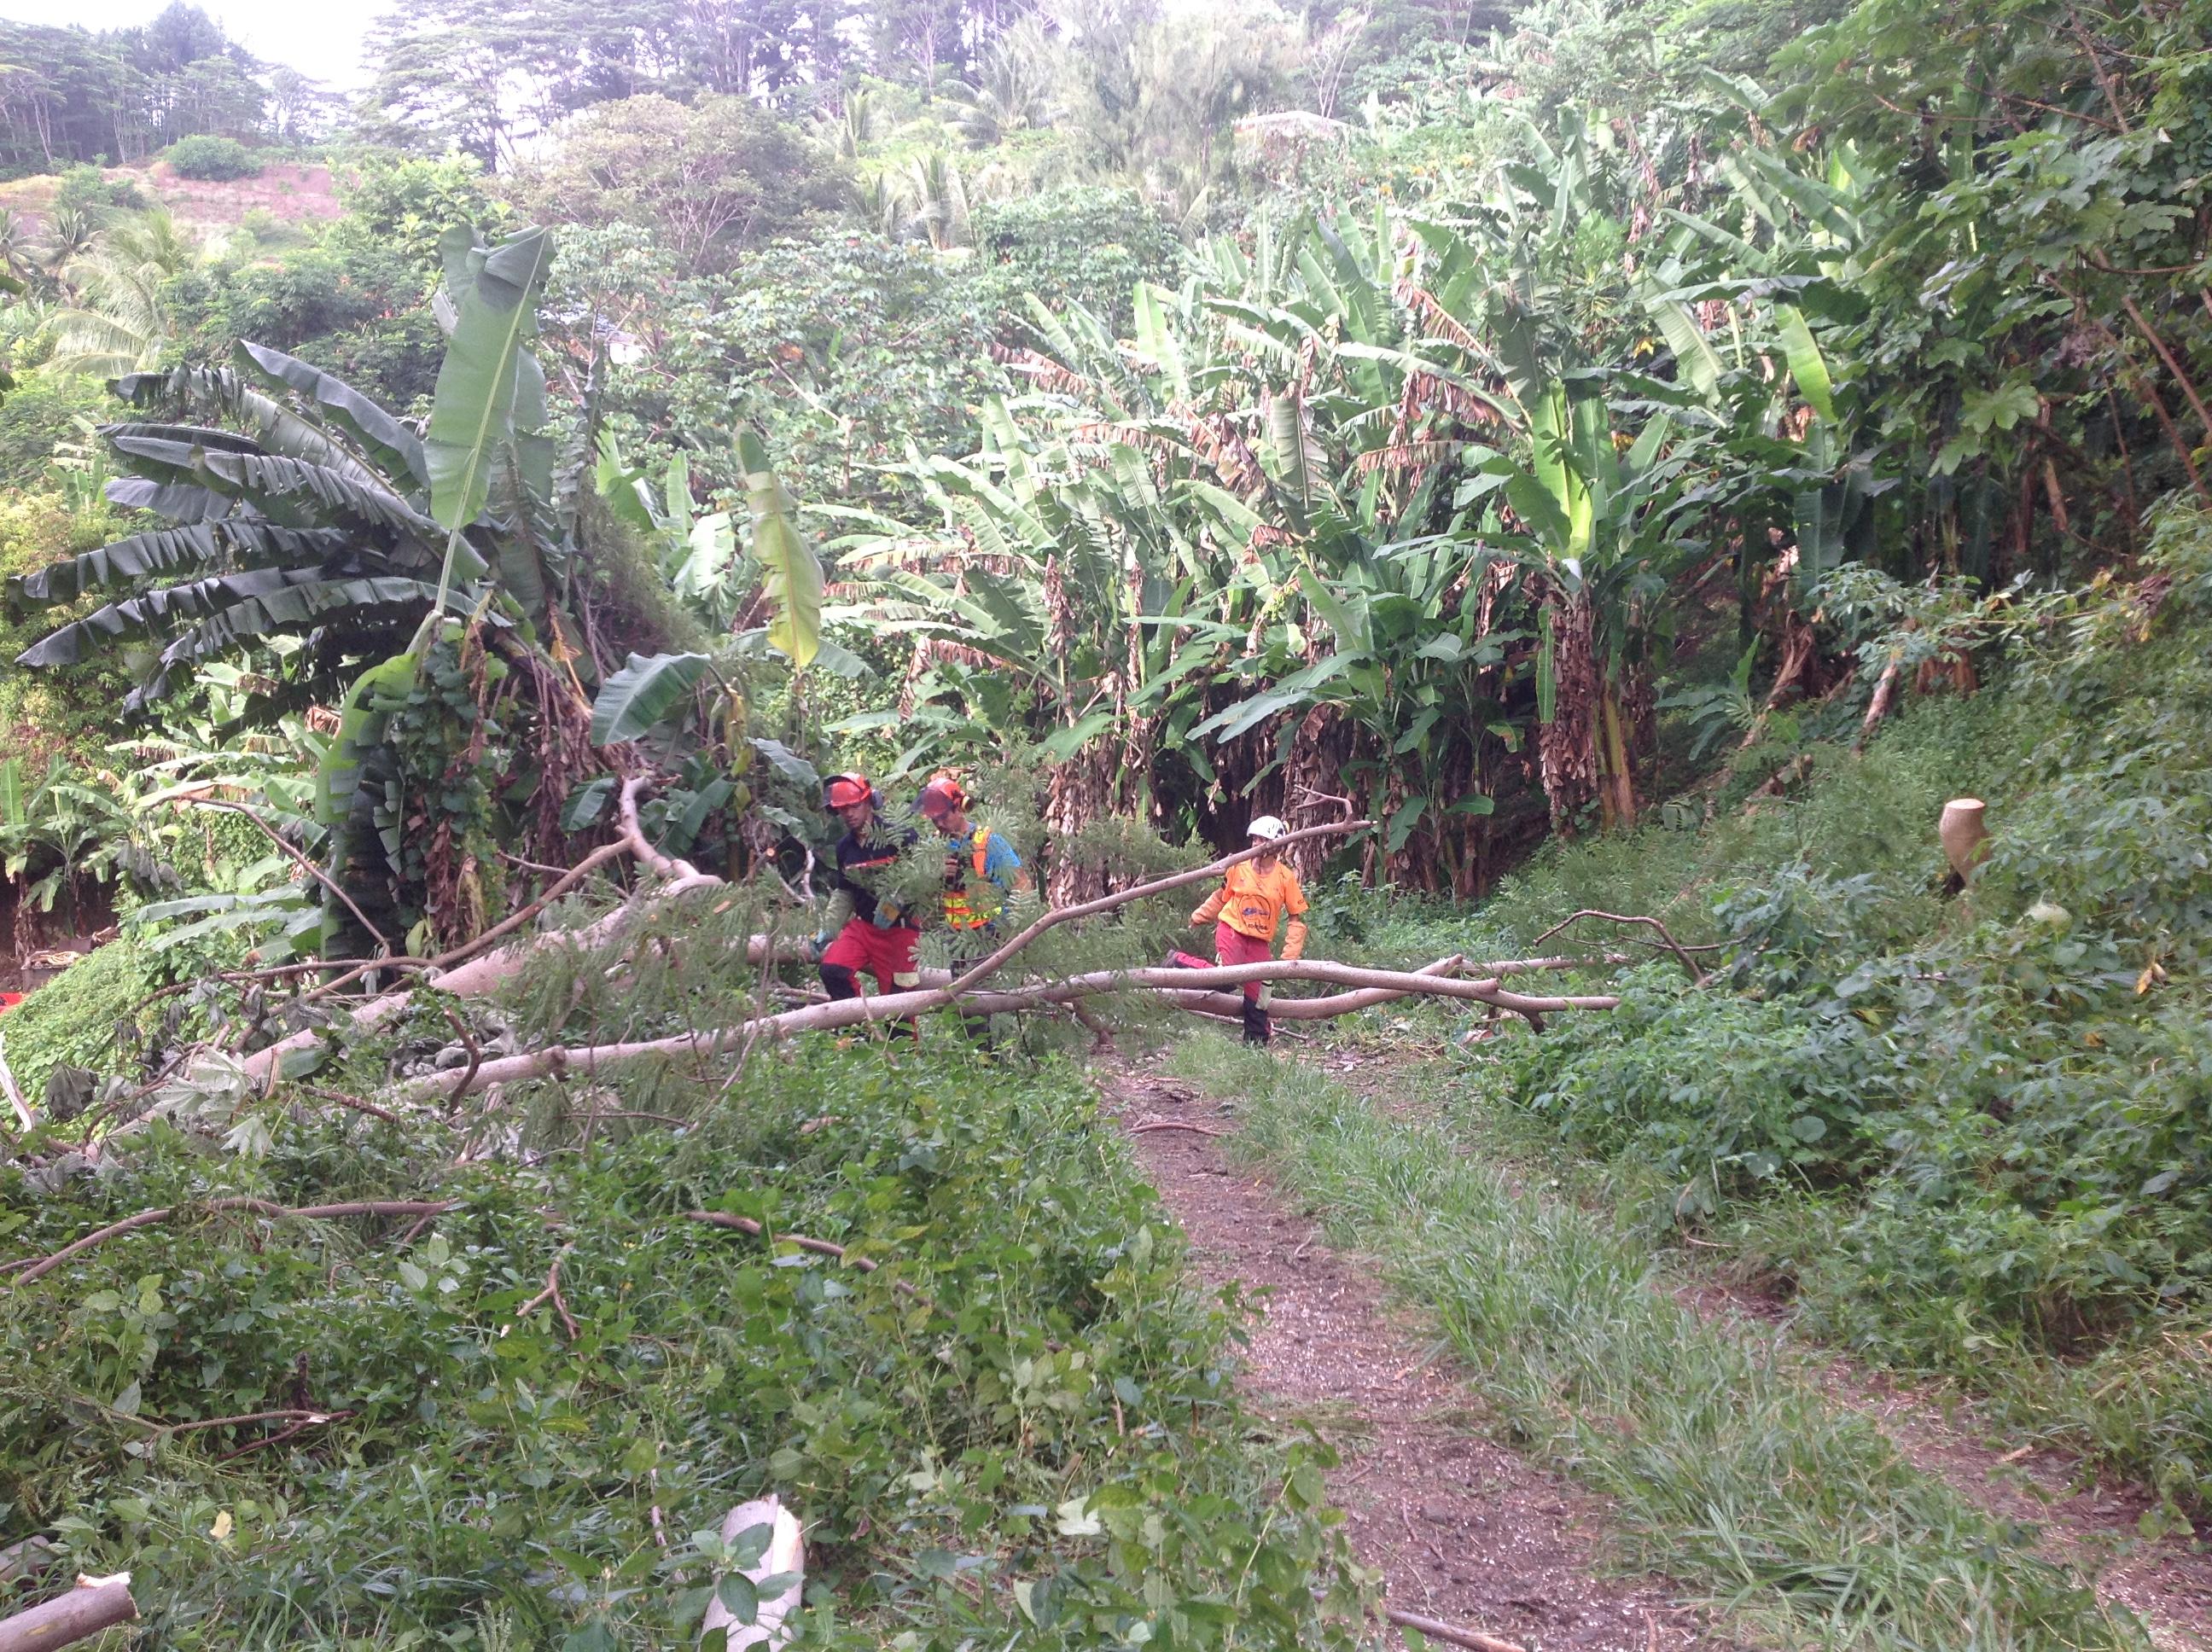 Le volet pratique en milieu naturel a duré deux jours, afin de mettre en pratique les connaissances des stagiaires.